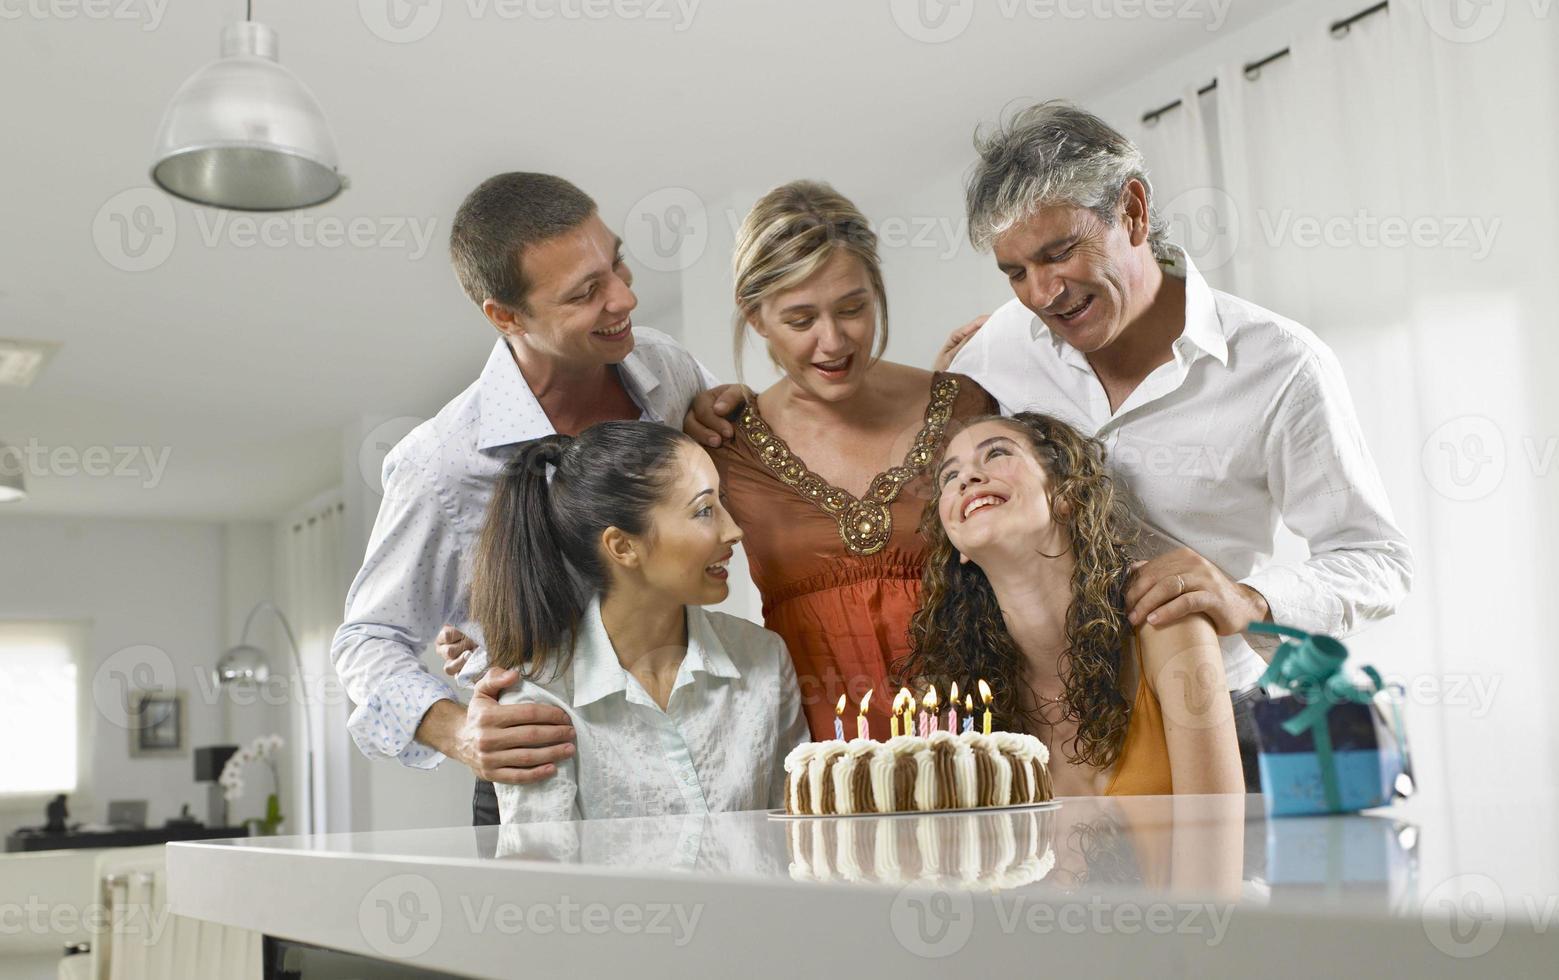 familia sentada alrededor de un pastel de cumpleaños foto